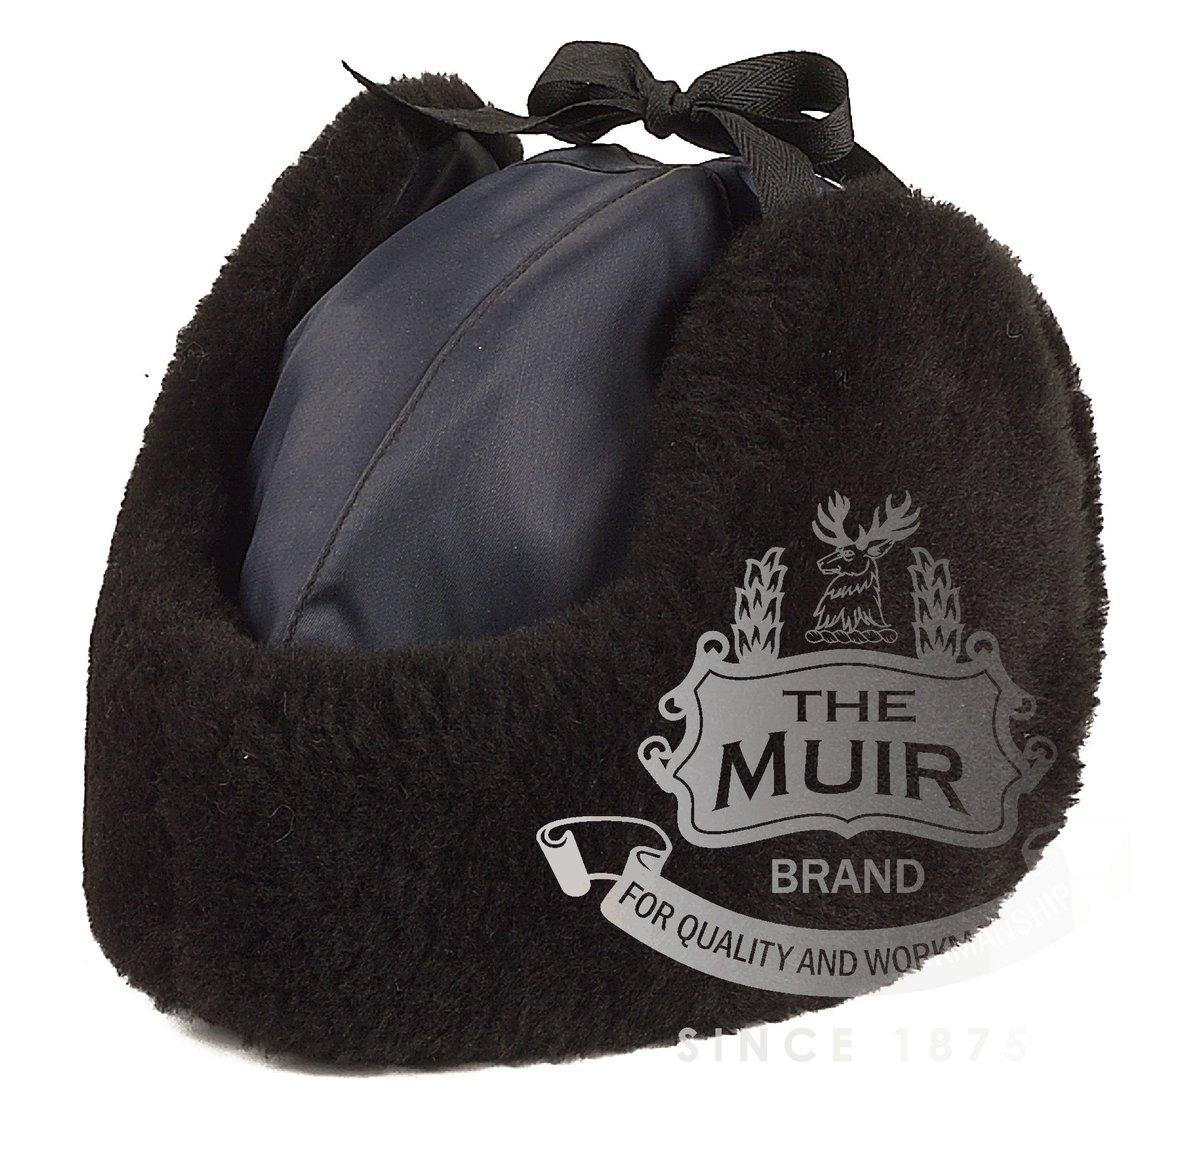 1200x1171 Muir Cap Amp Regalia Ltd. Muir Cap Amp Regalia Ltd.